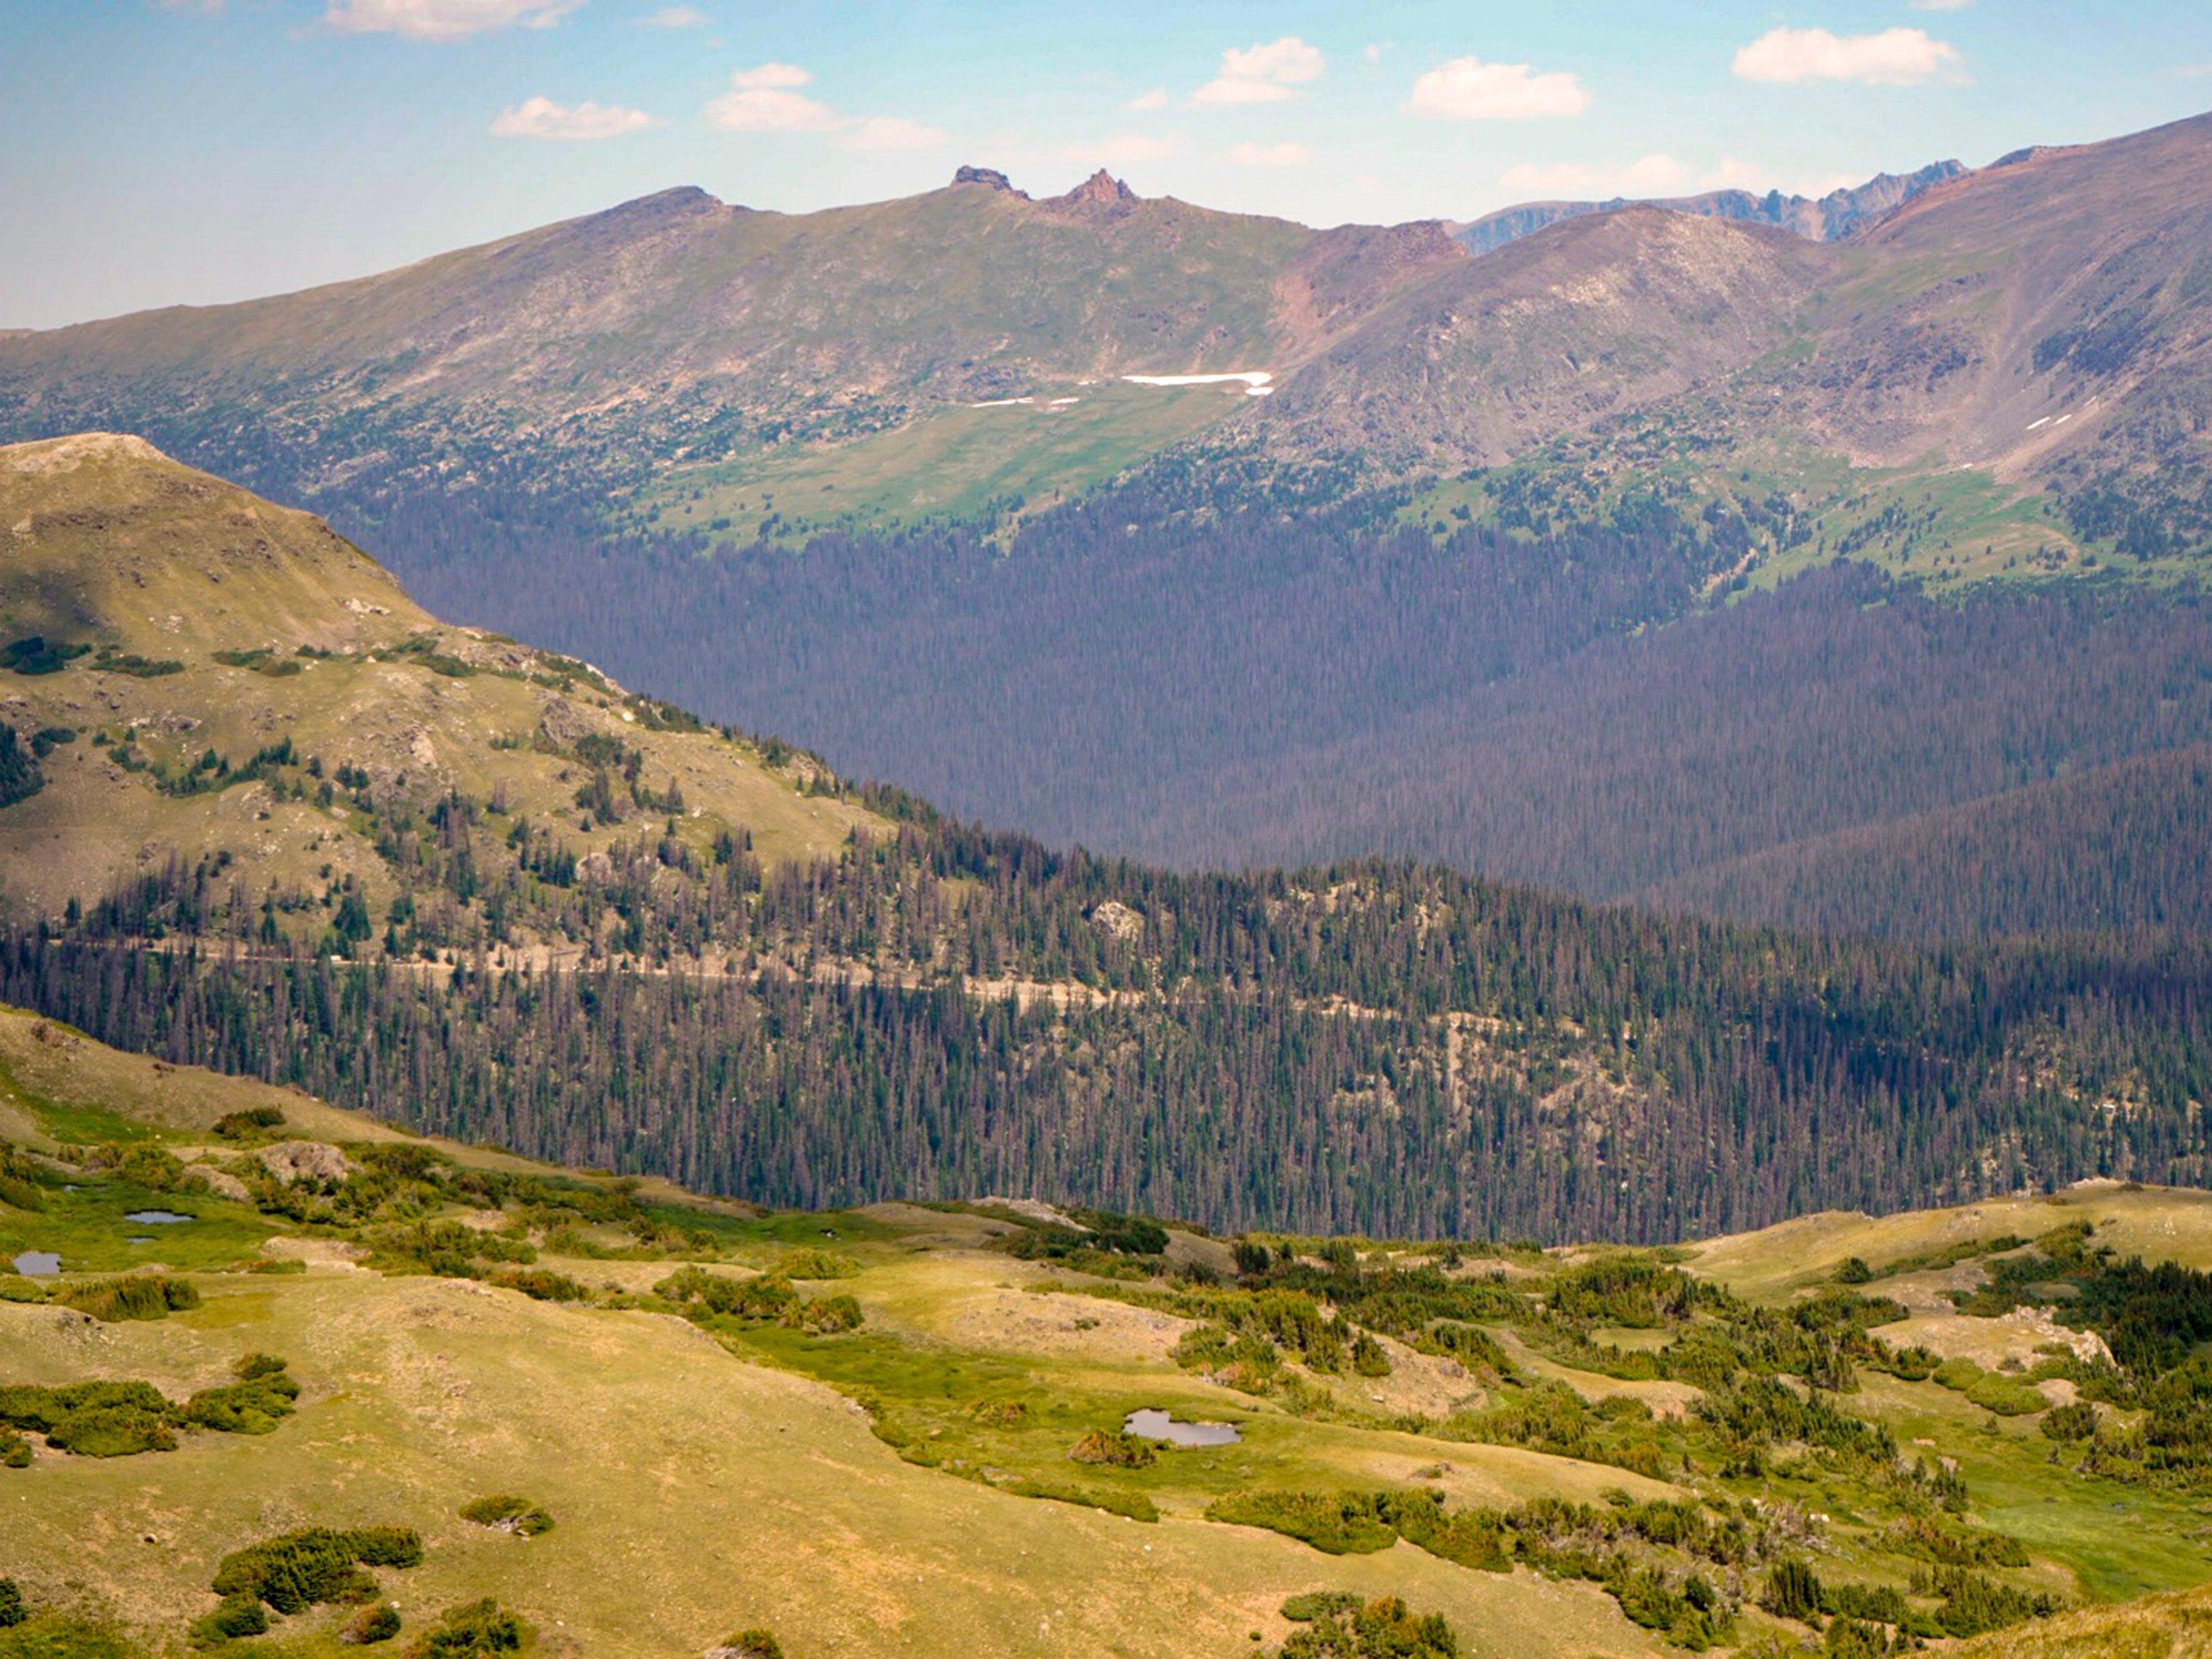 Slide 3 of 7: Source: National Park Service